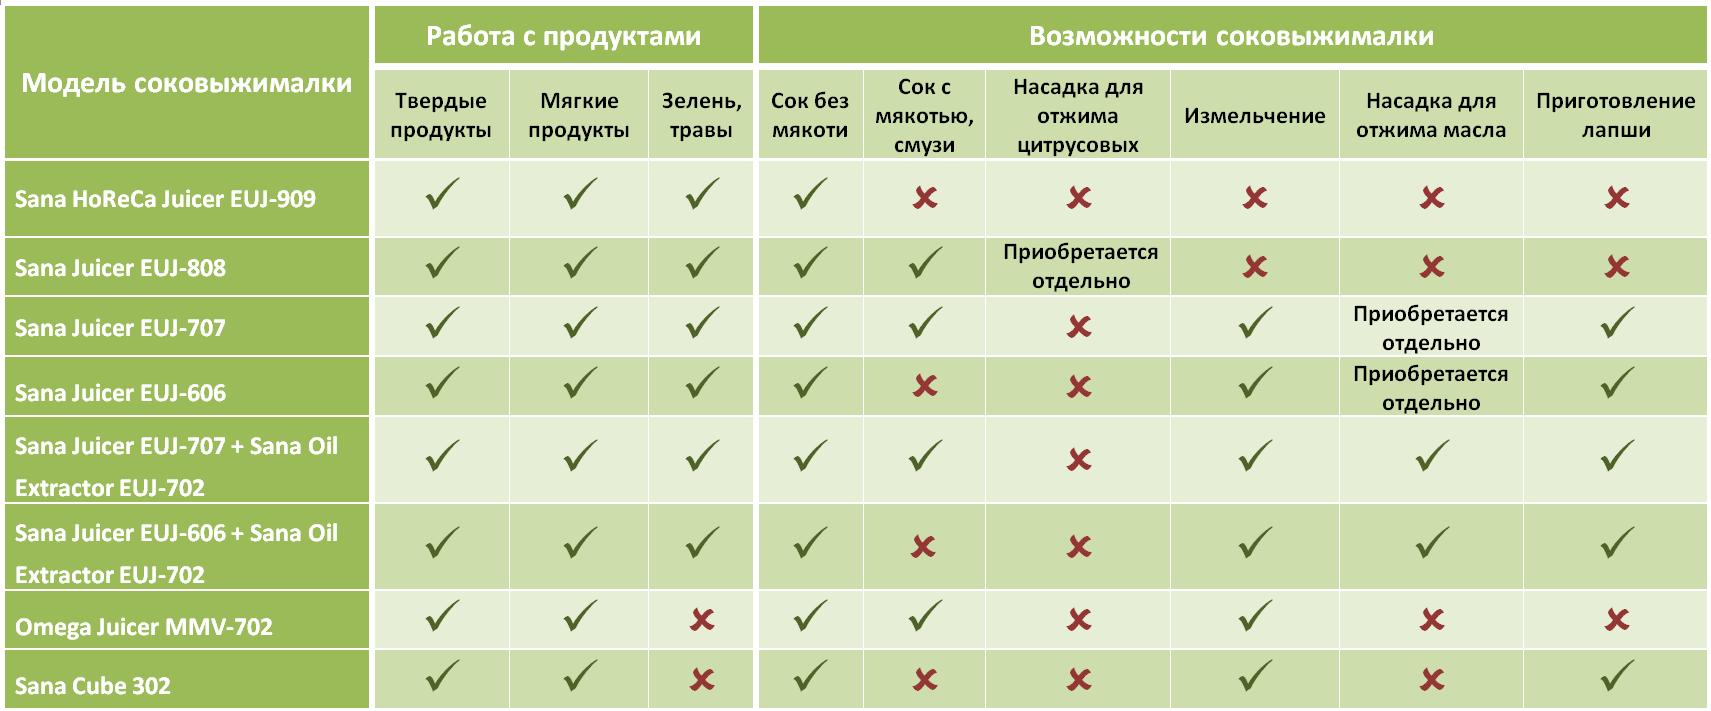 sravnitelnaya-tablica-sokovyzhimalok-sana-omega